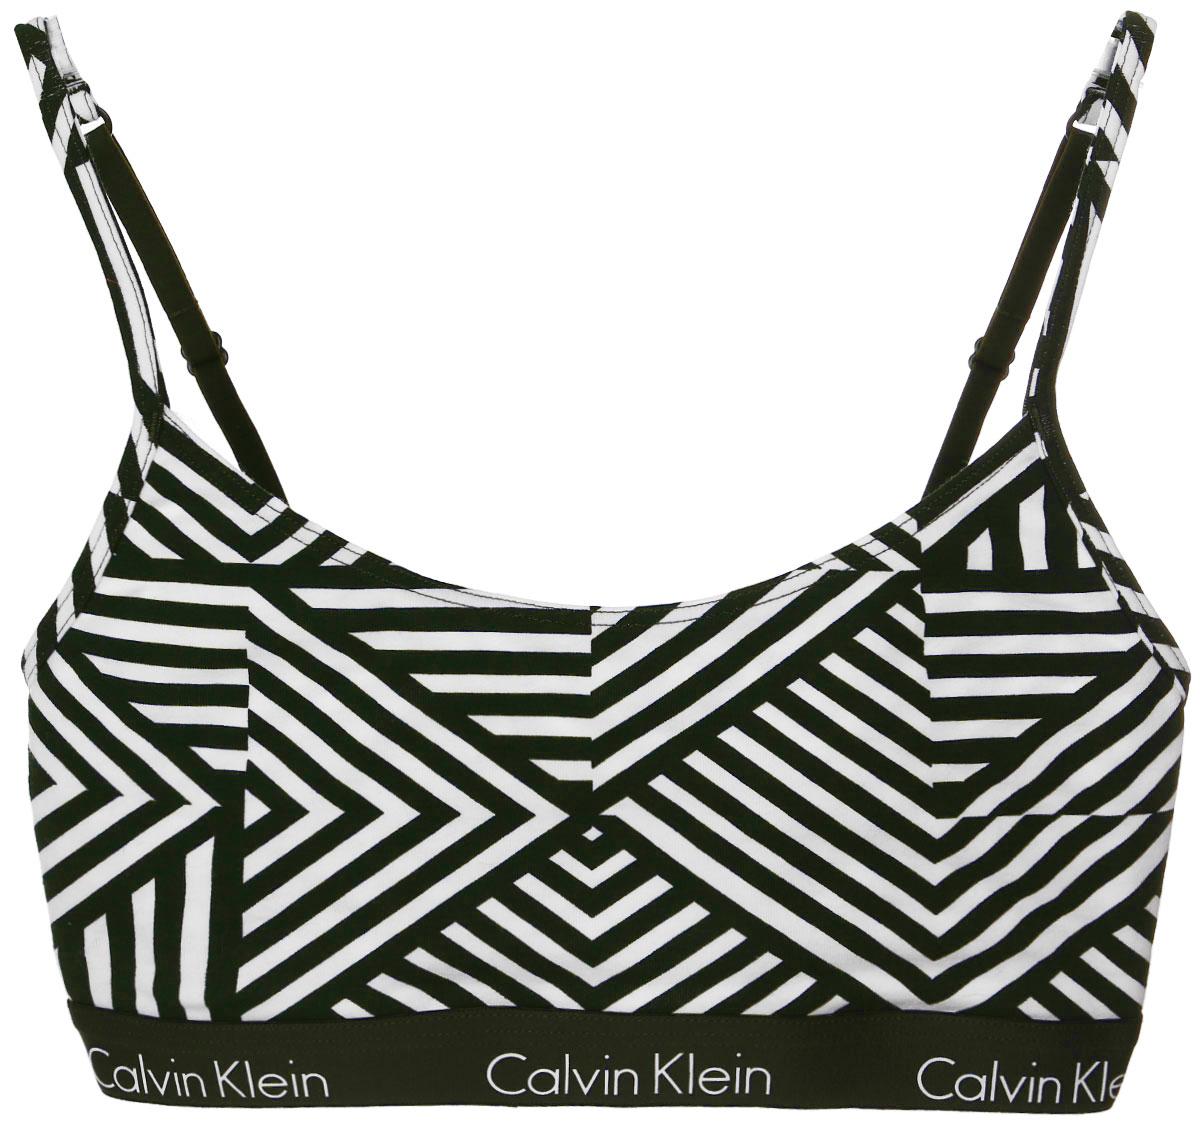 Топ-бра Calvin Klein Underwear, цвет: темно-зеленый, белый. QF1536E_IV6. Размер M (44/46)QF1536E_IV6Удобный и практичный топ-бра Calvin Klein, выполненный из высококачественного эластичного хлопка, идеально подойдет для повседневной носки, а также для активного отдыха. Модель на бретелях имеет широкий эластичный пояс, который обеспечивает бережную поддержку. Узкие несъемные бретельки надежно фиксируют топ на плечах и регулируются по длине. Топ оформлен контрастными полосками.Такая модель подарит вам комфорт в течение дня и станет отличным дополнением к вашему спортивному гардеробу.